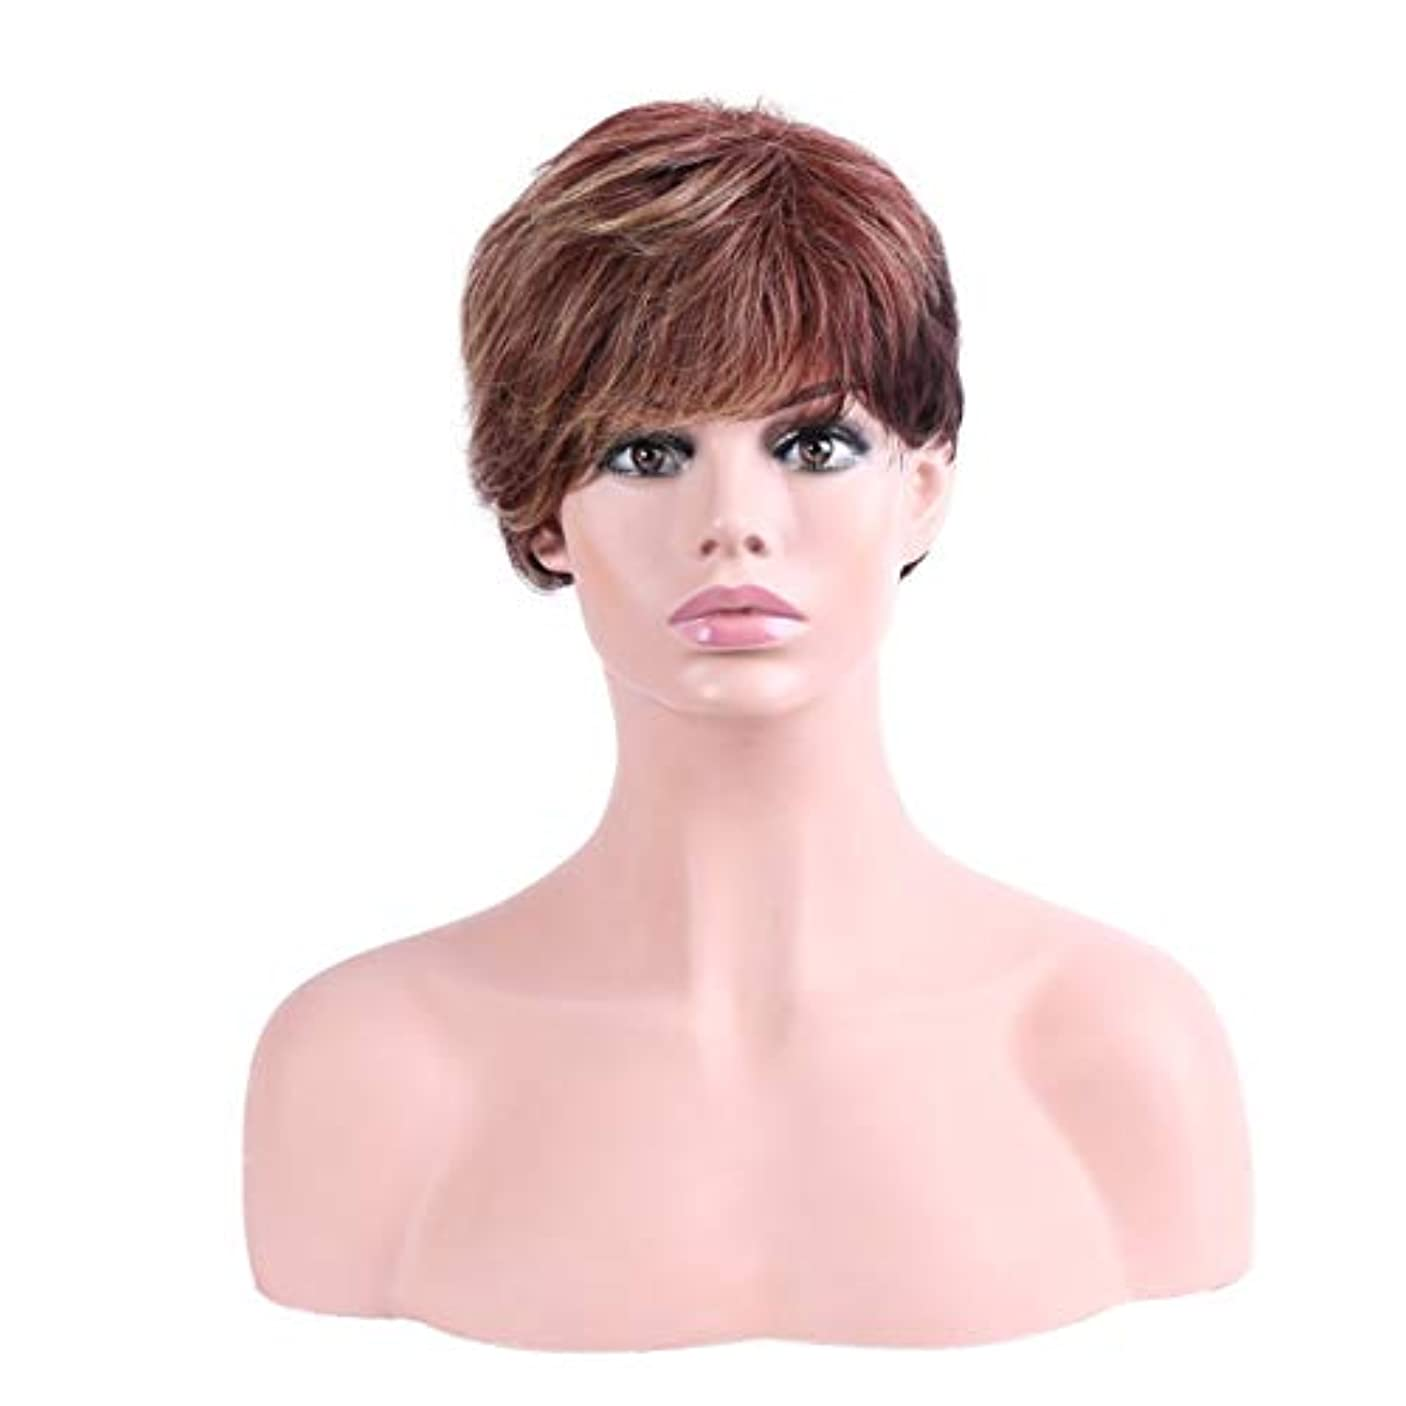 家具スローガンサージYOUQIU 女性の耐熱ウィッグナチュラルヘアウィッグ用オンブル茶ショート傾斜部髪の天然、合成ウィッグ (色 : Ombre Brown)